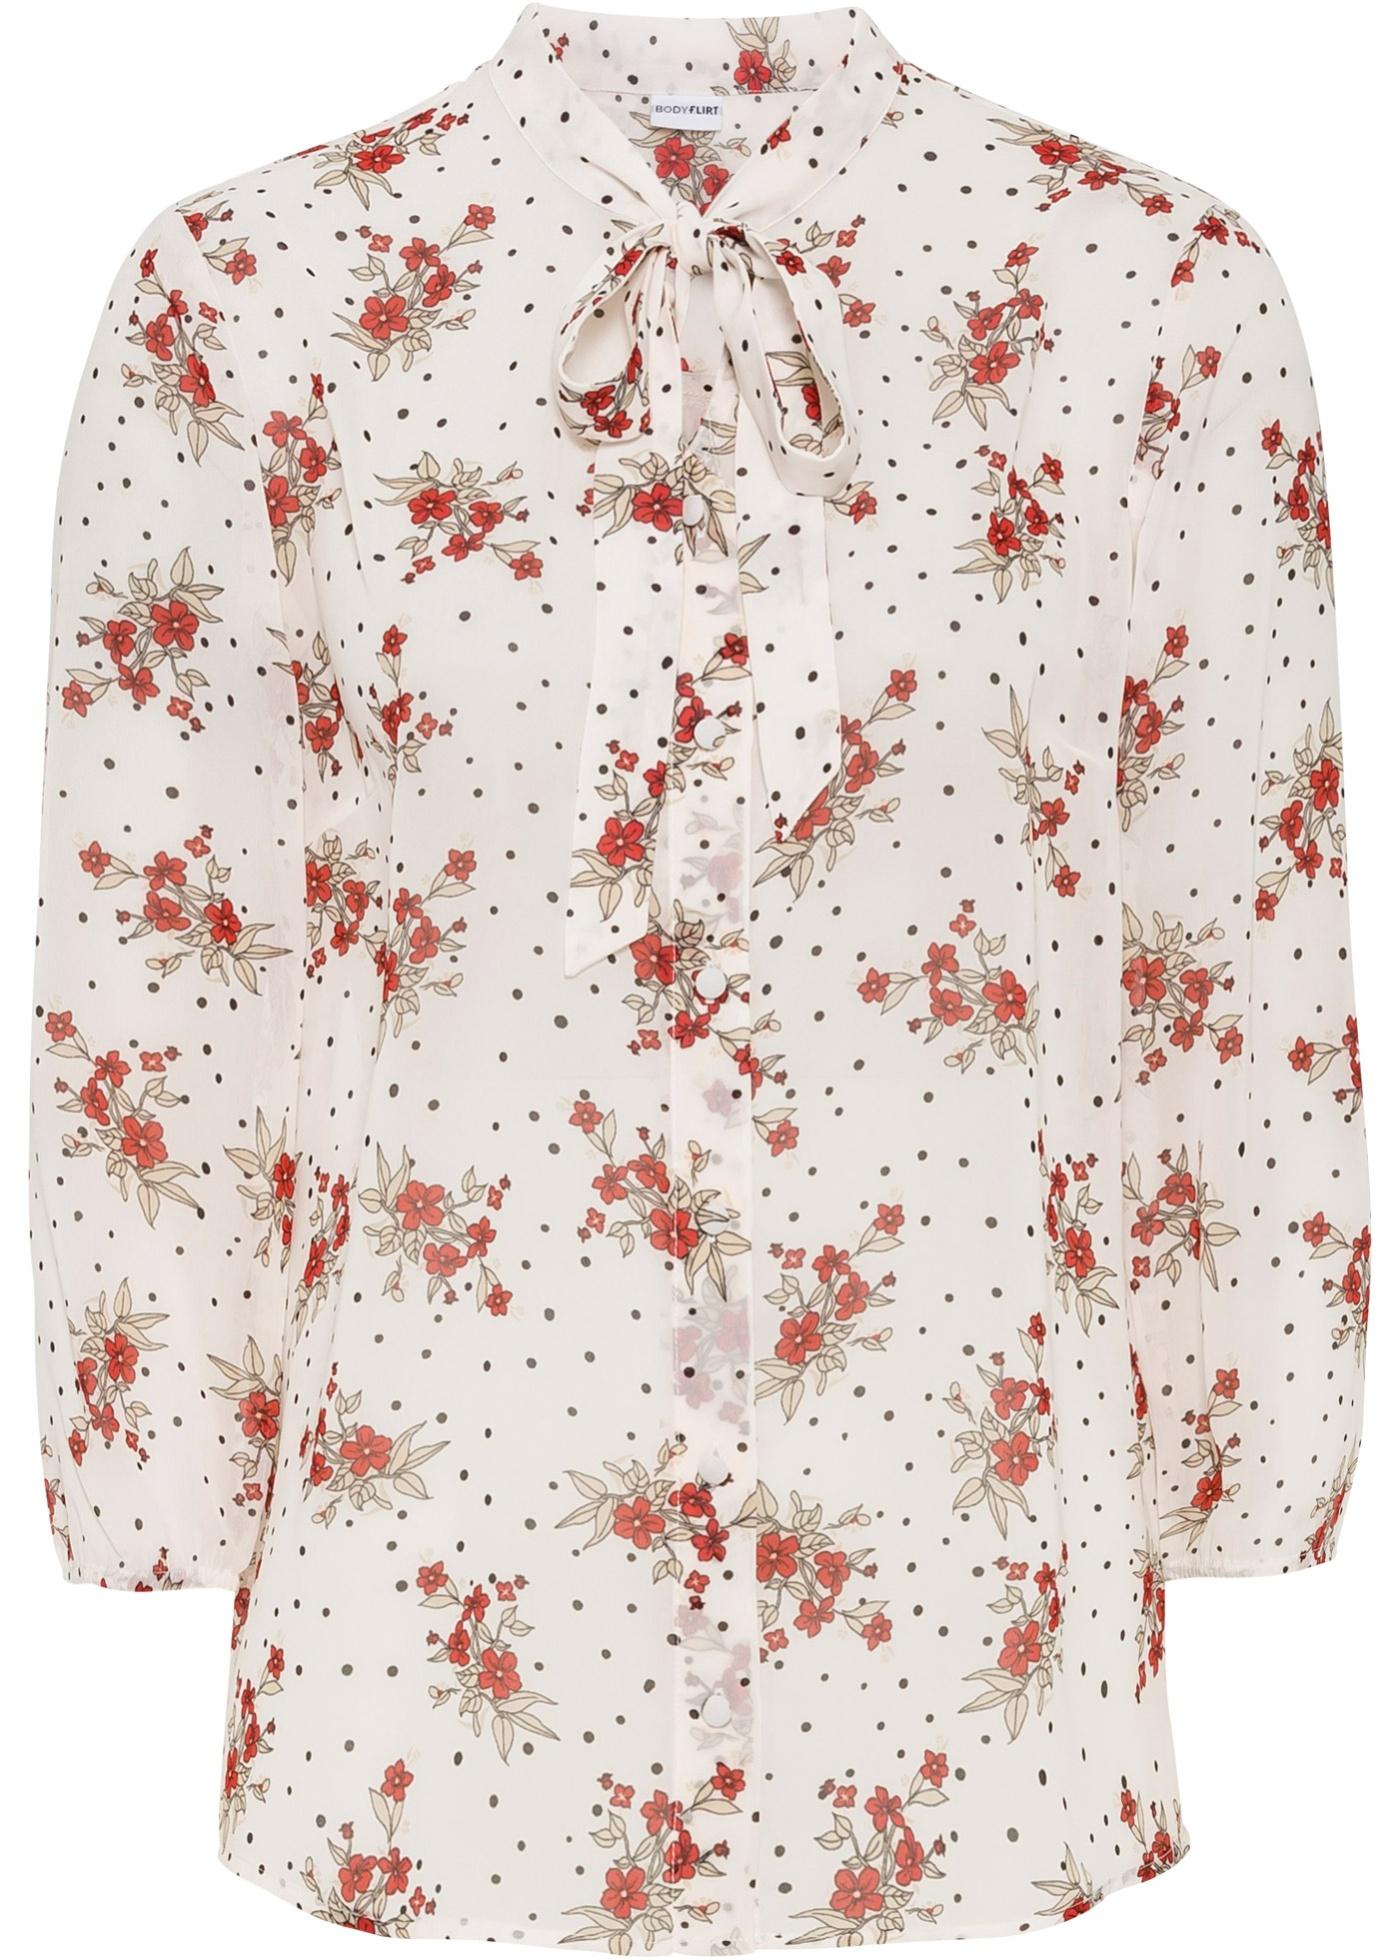 Chiffon-Bluse 3/4 Arm  in weiß für Damen von bonprix